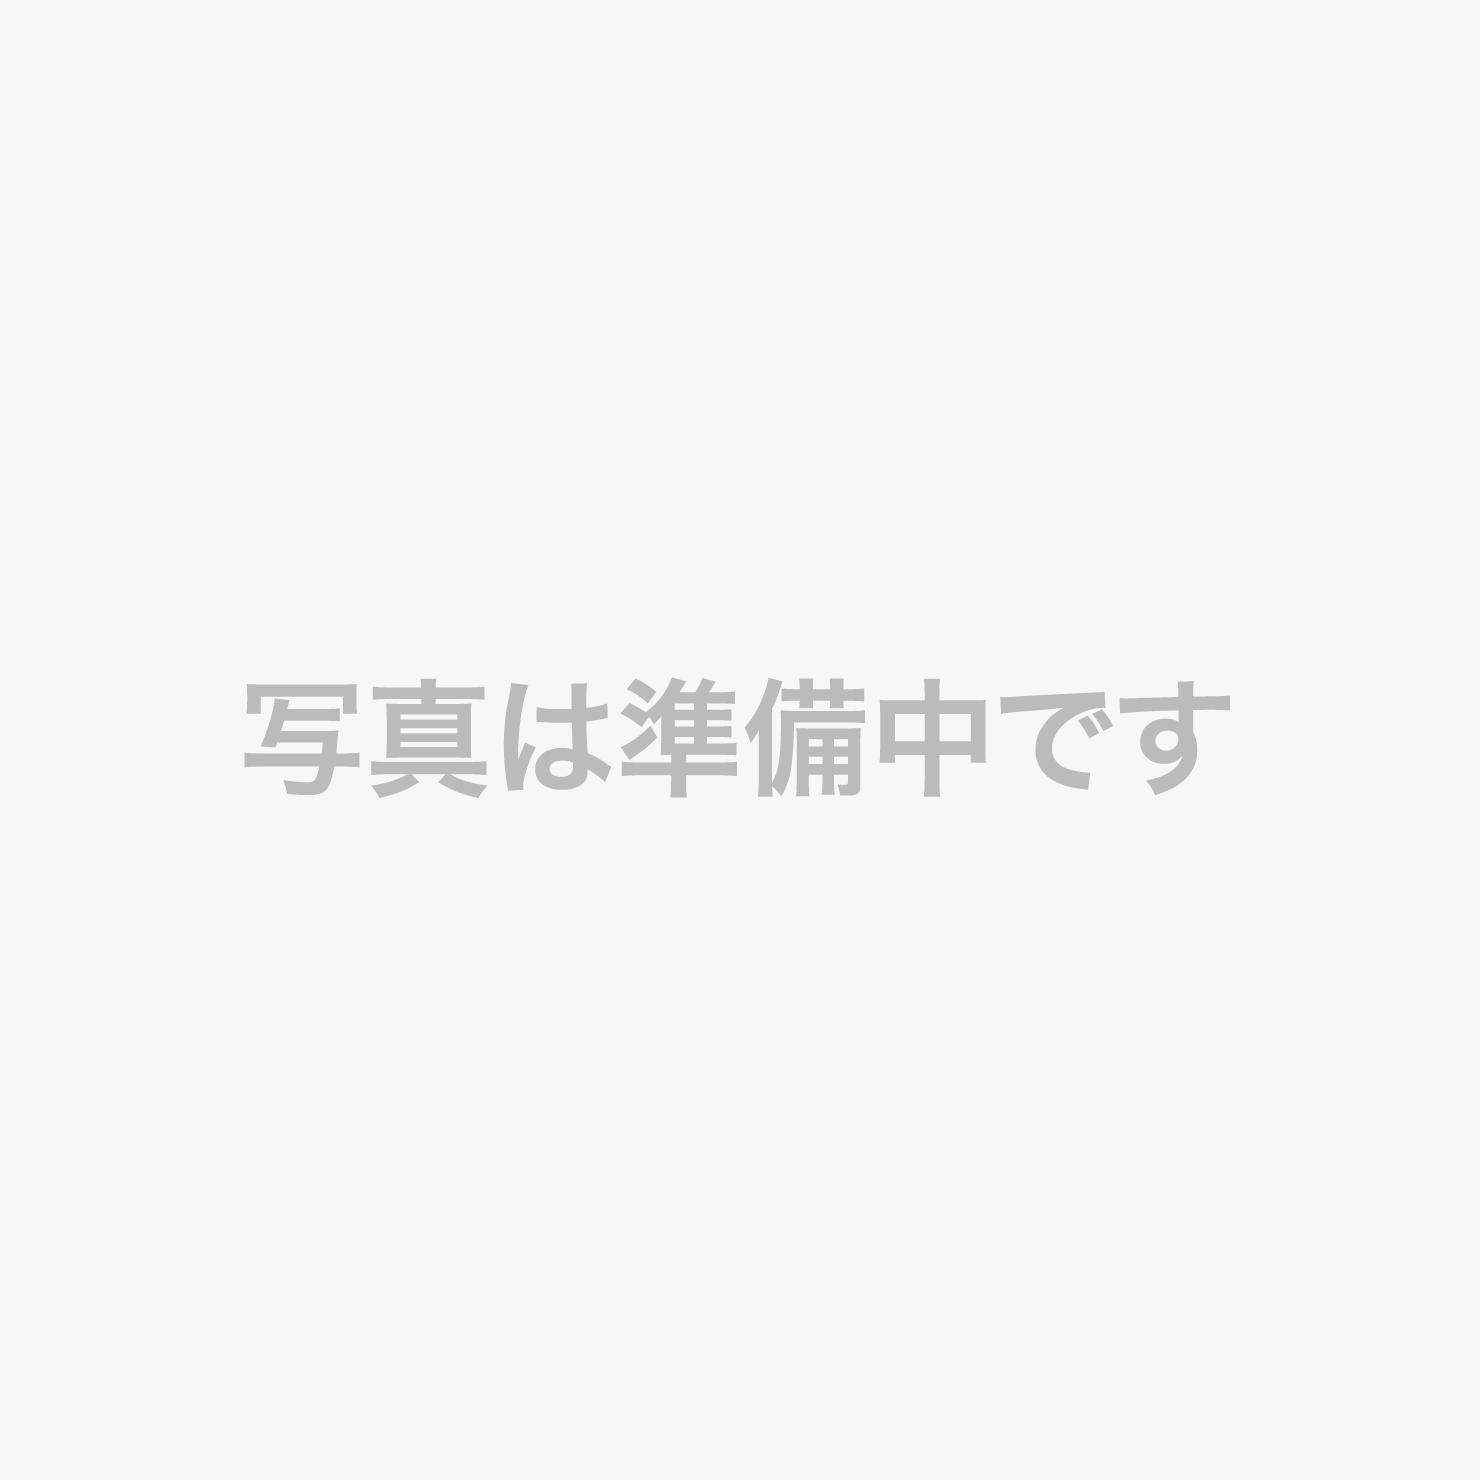 *【ガラスギャラリー】ガラス工芸家杉本泰雄の作品展示販売ギャラリー。